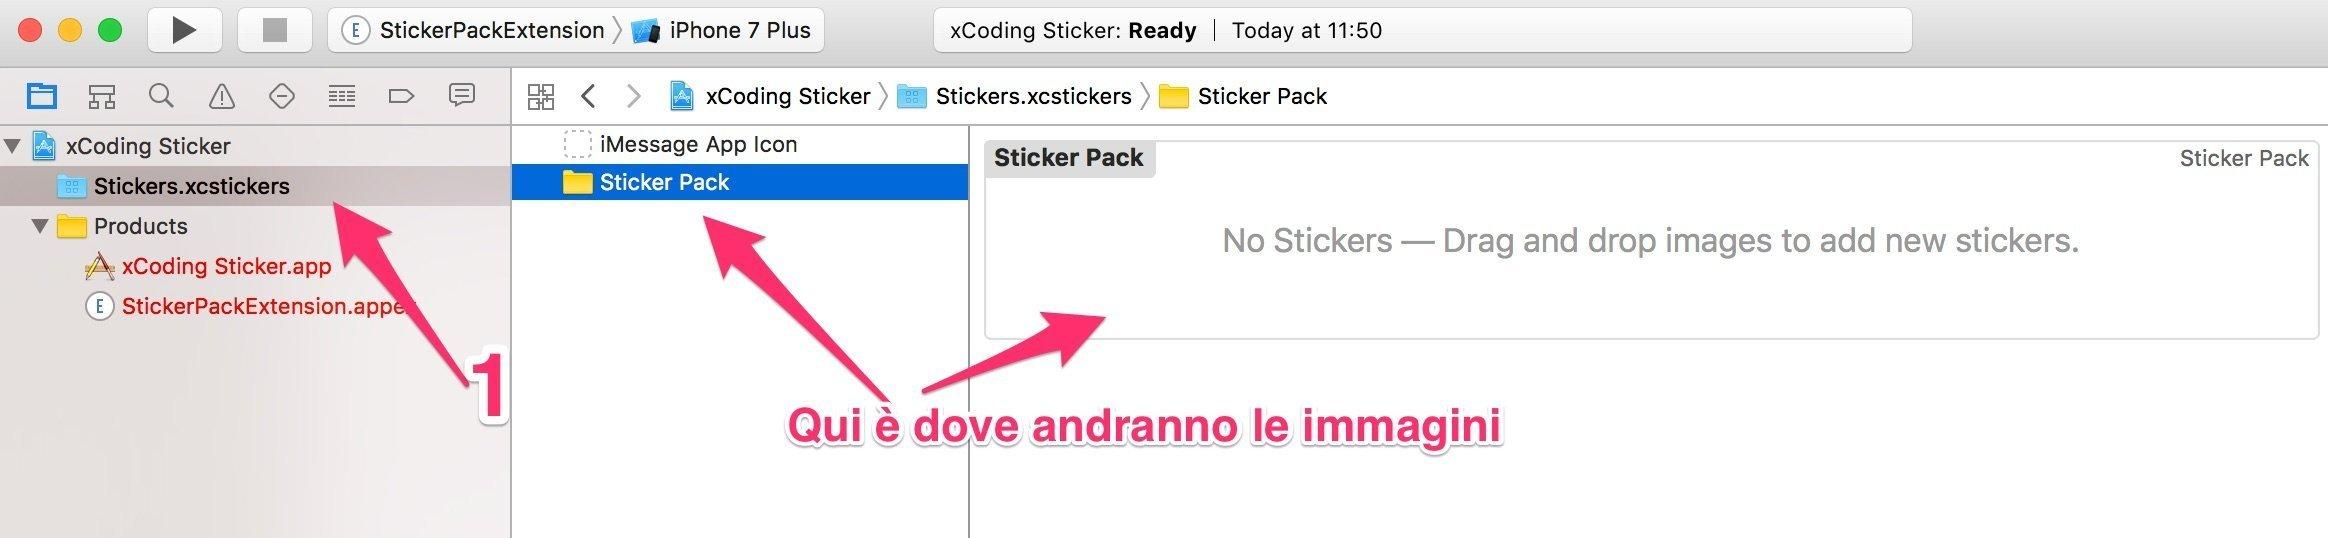 creare-le-immagini-per-sticker-pack-imessage-xcode